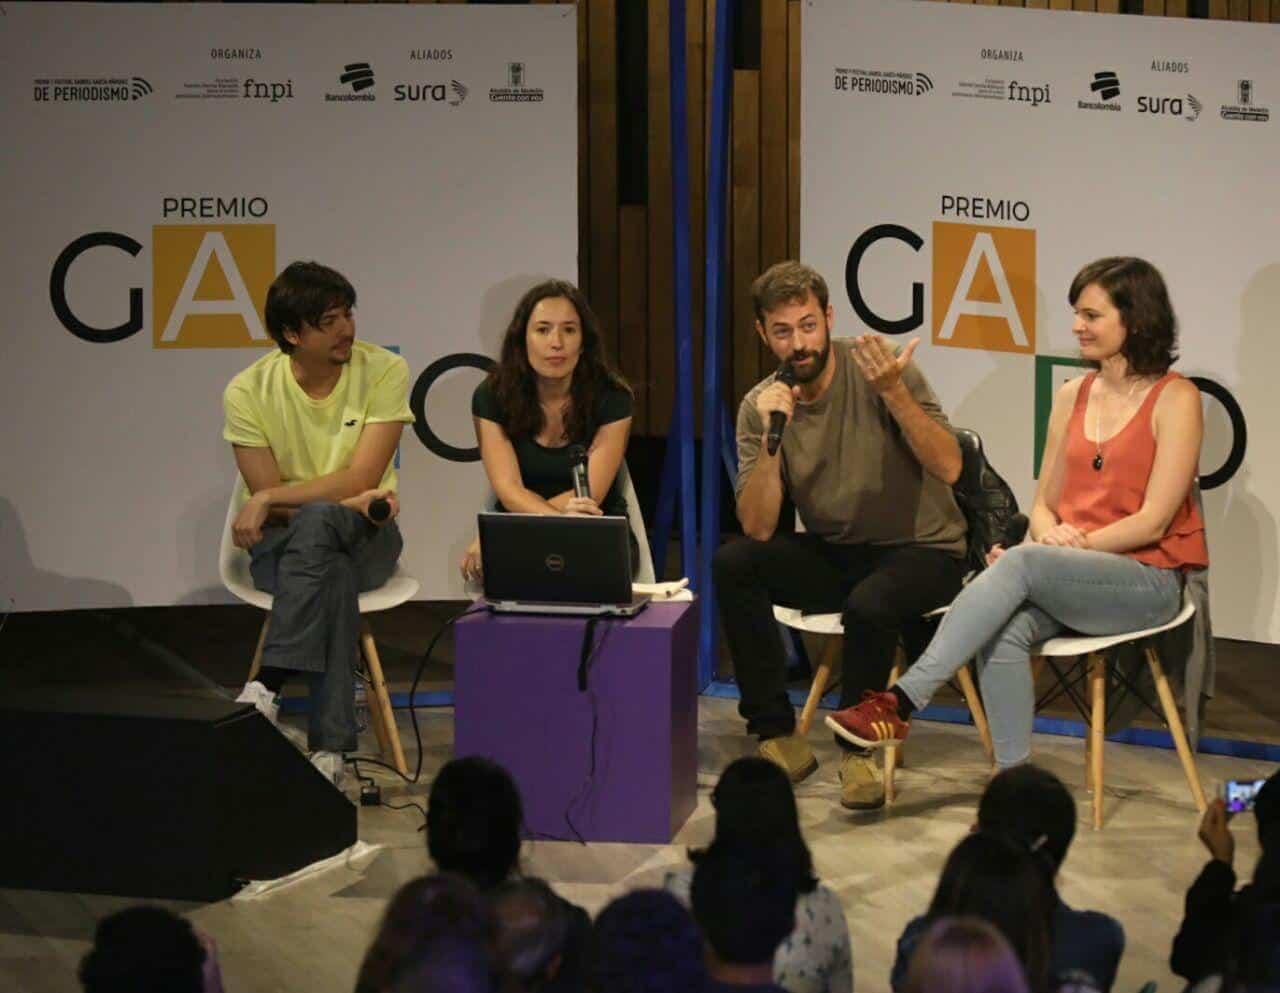 Creadores de En Malos Pasos comparten su experiencia en una charla de Periodismo tú a tú en el Festival Gabo. Foto: Joaquín Sarmiento.